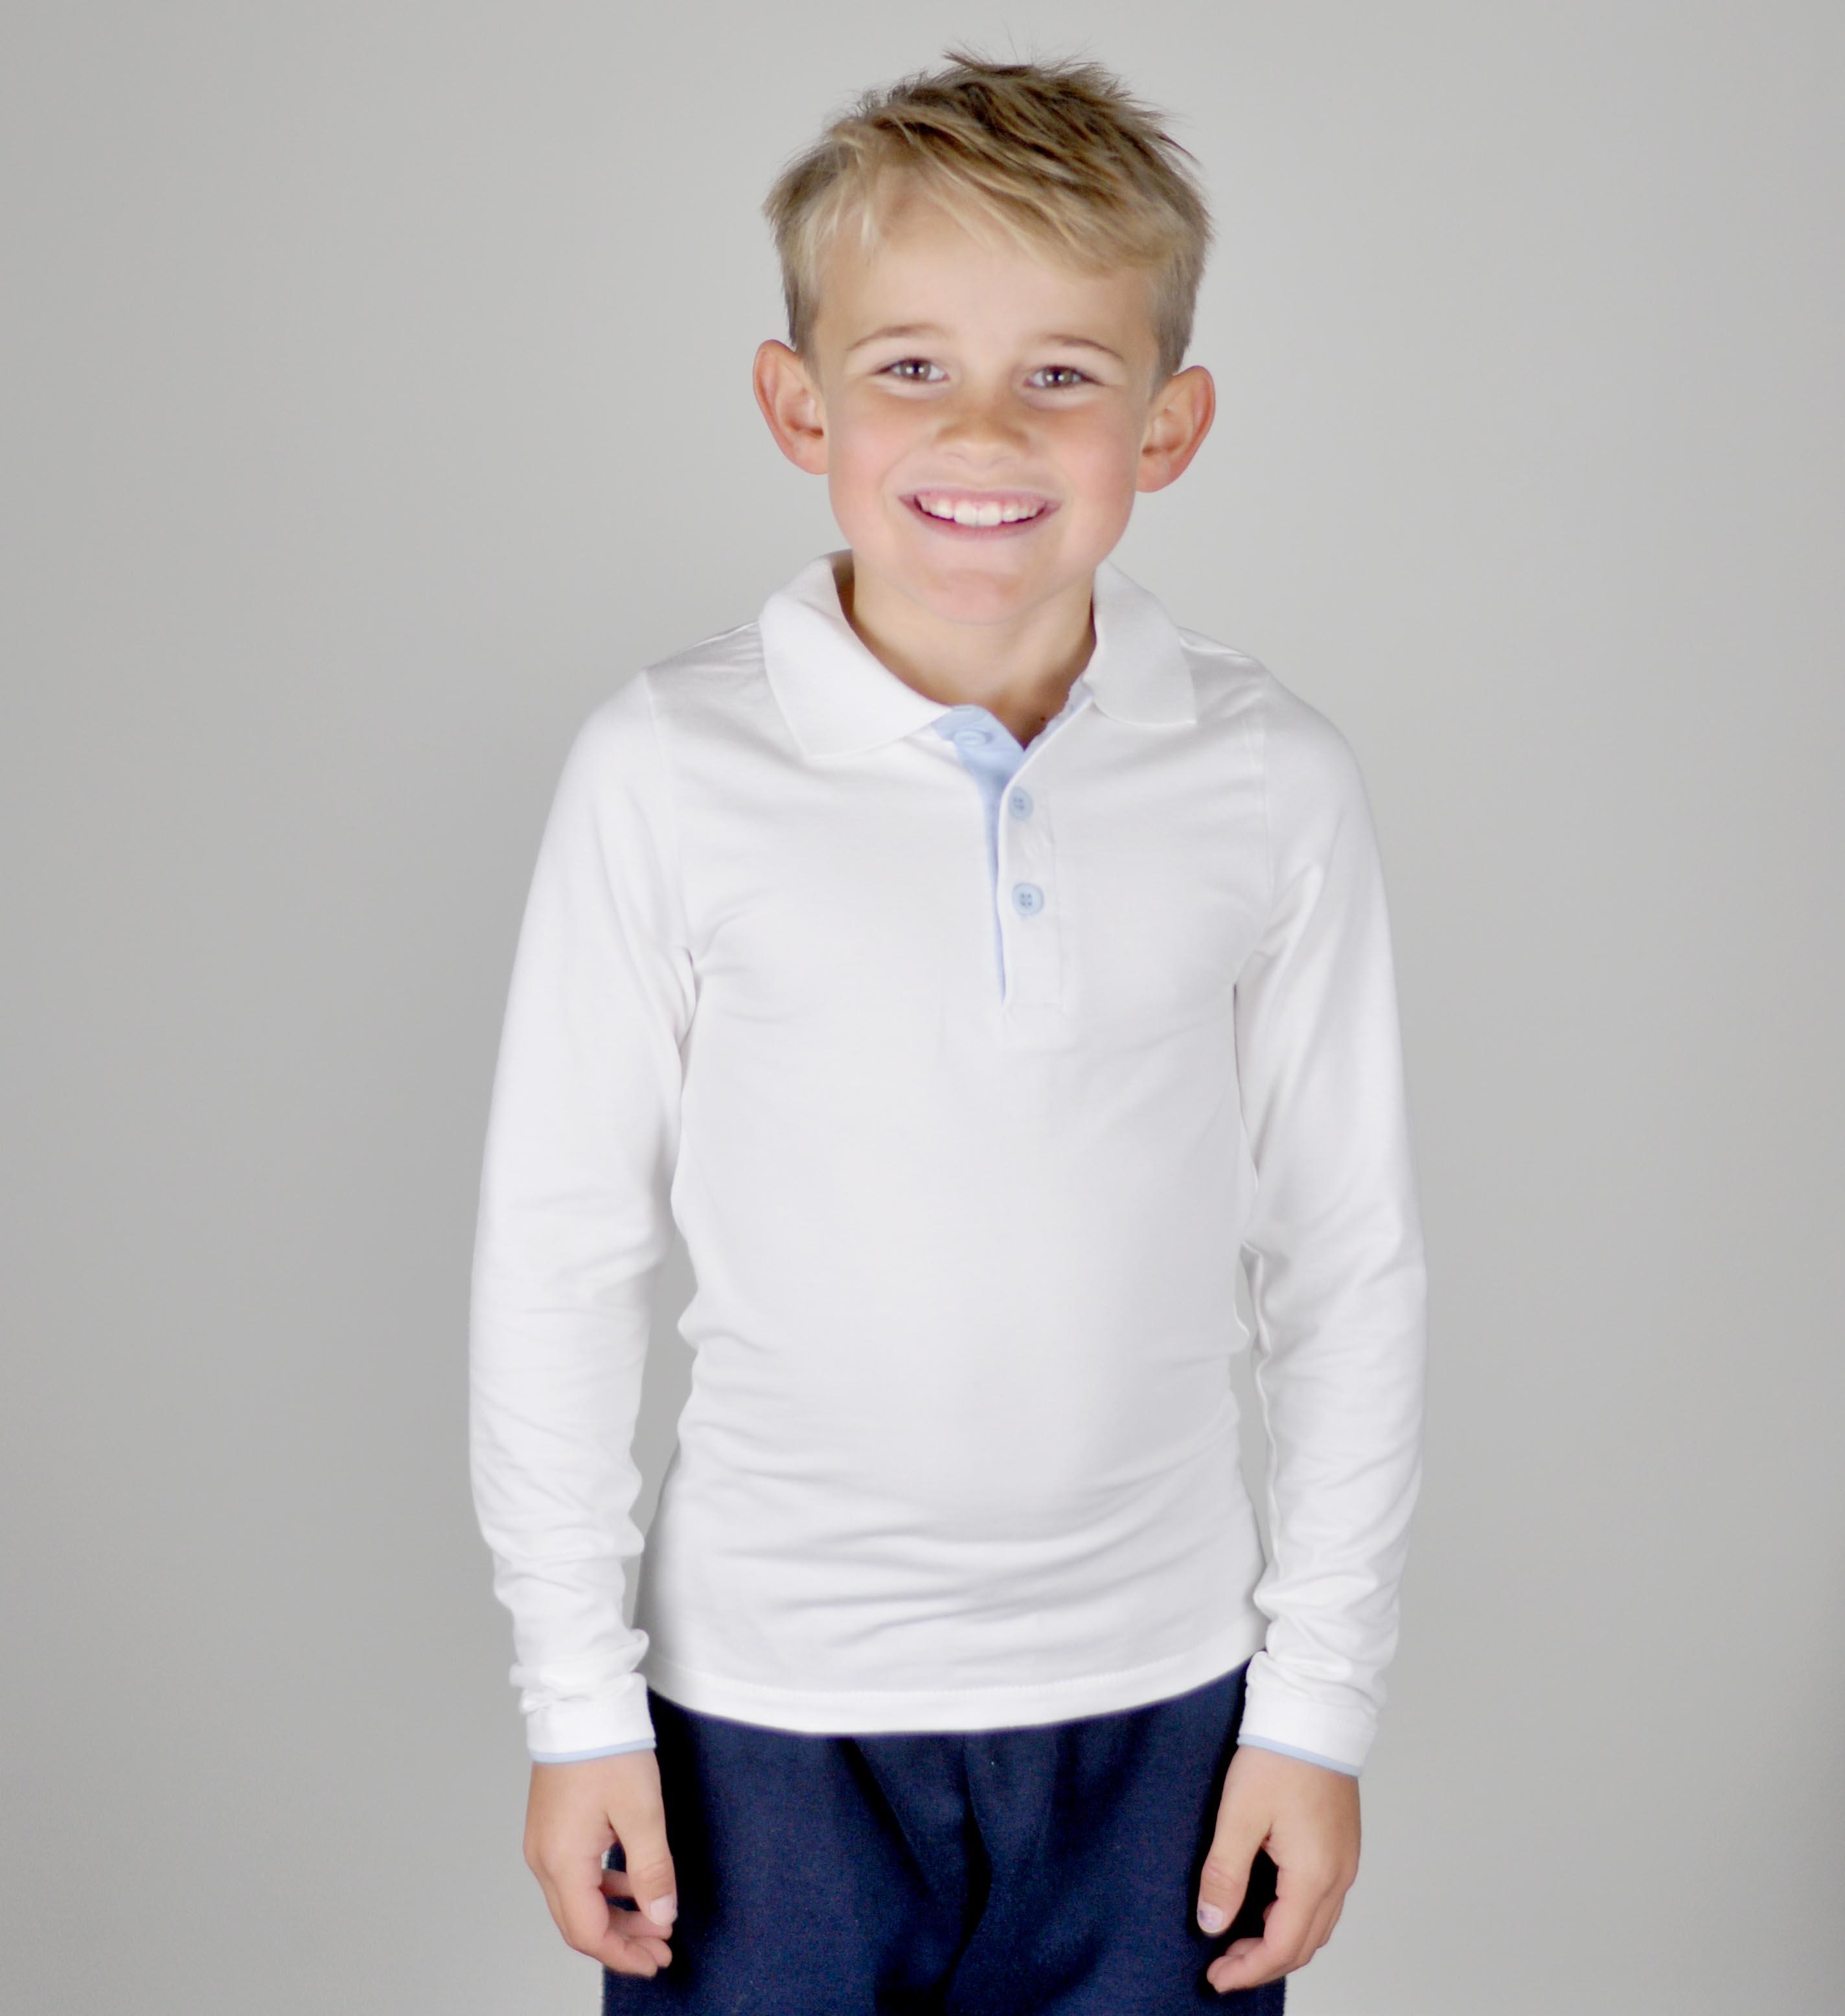 Skjortegenser - hvit med lyseblå - modell3